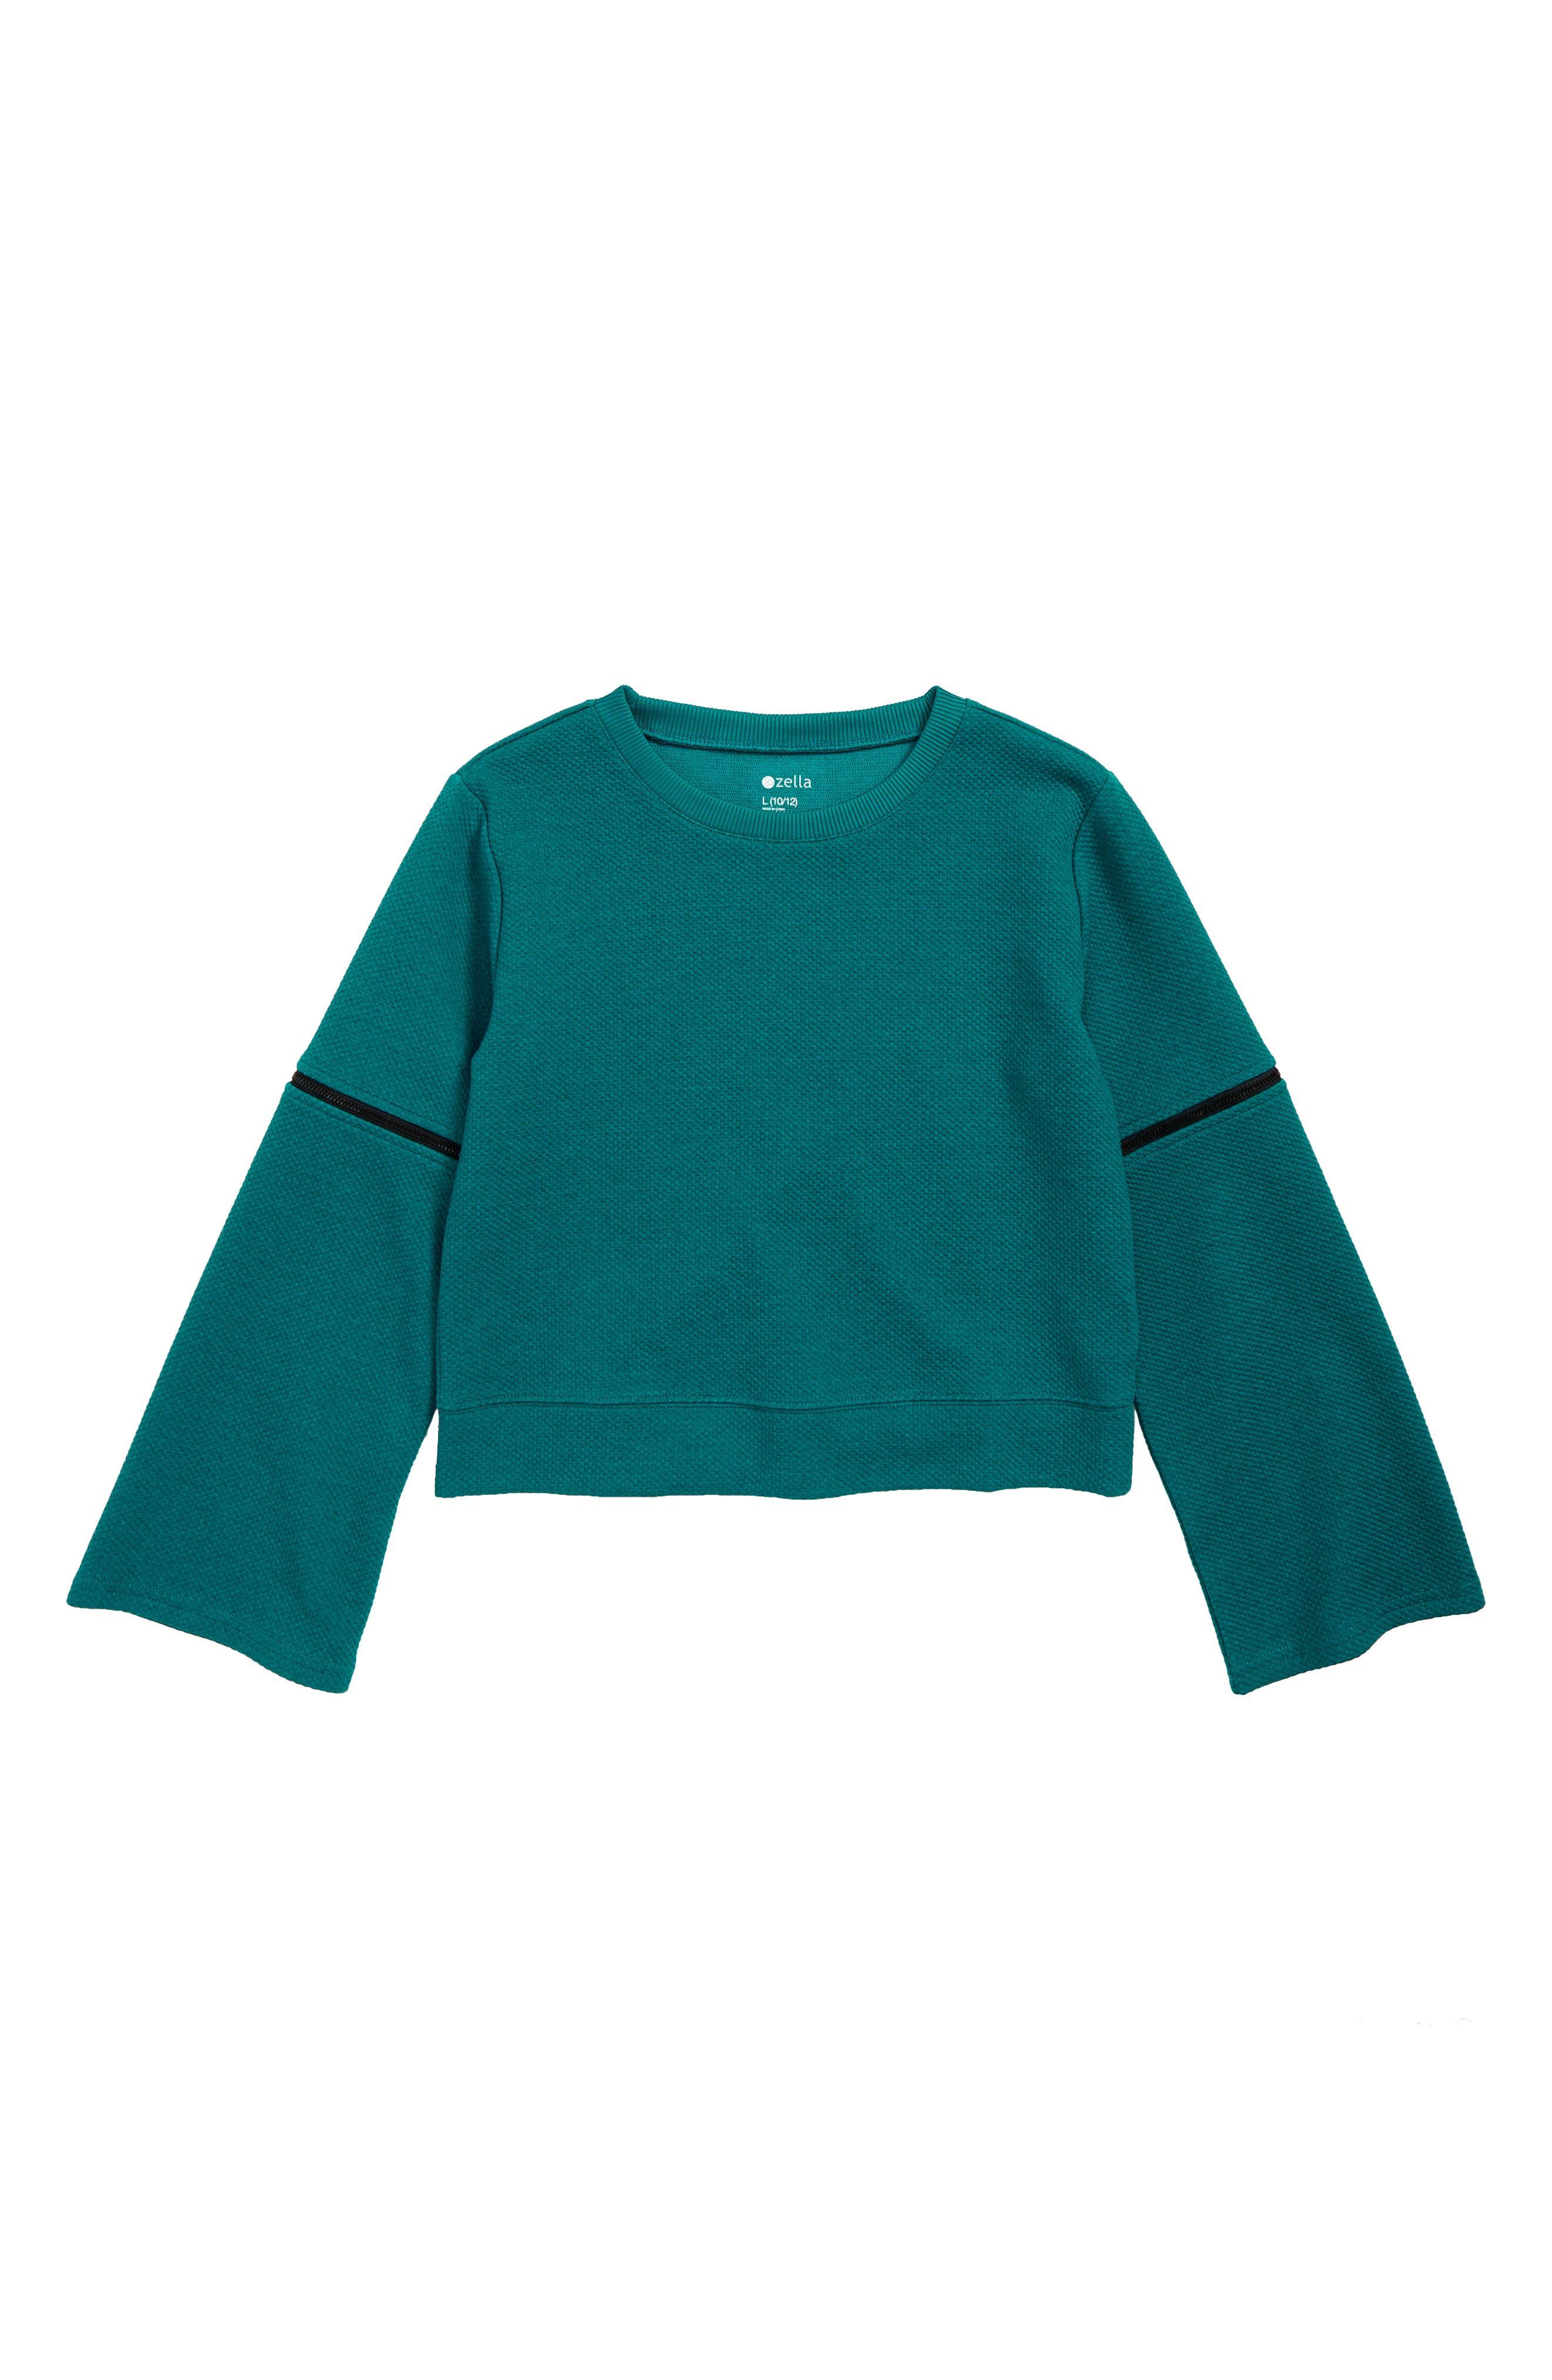 ZELLA GIRL Zip Bell Sleeve Pullover, Main, color, 449